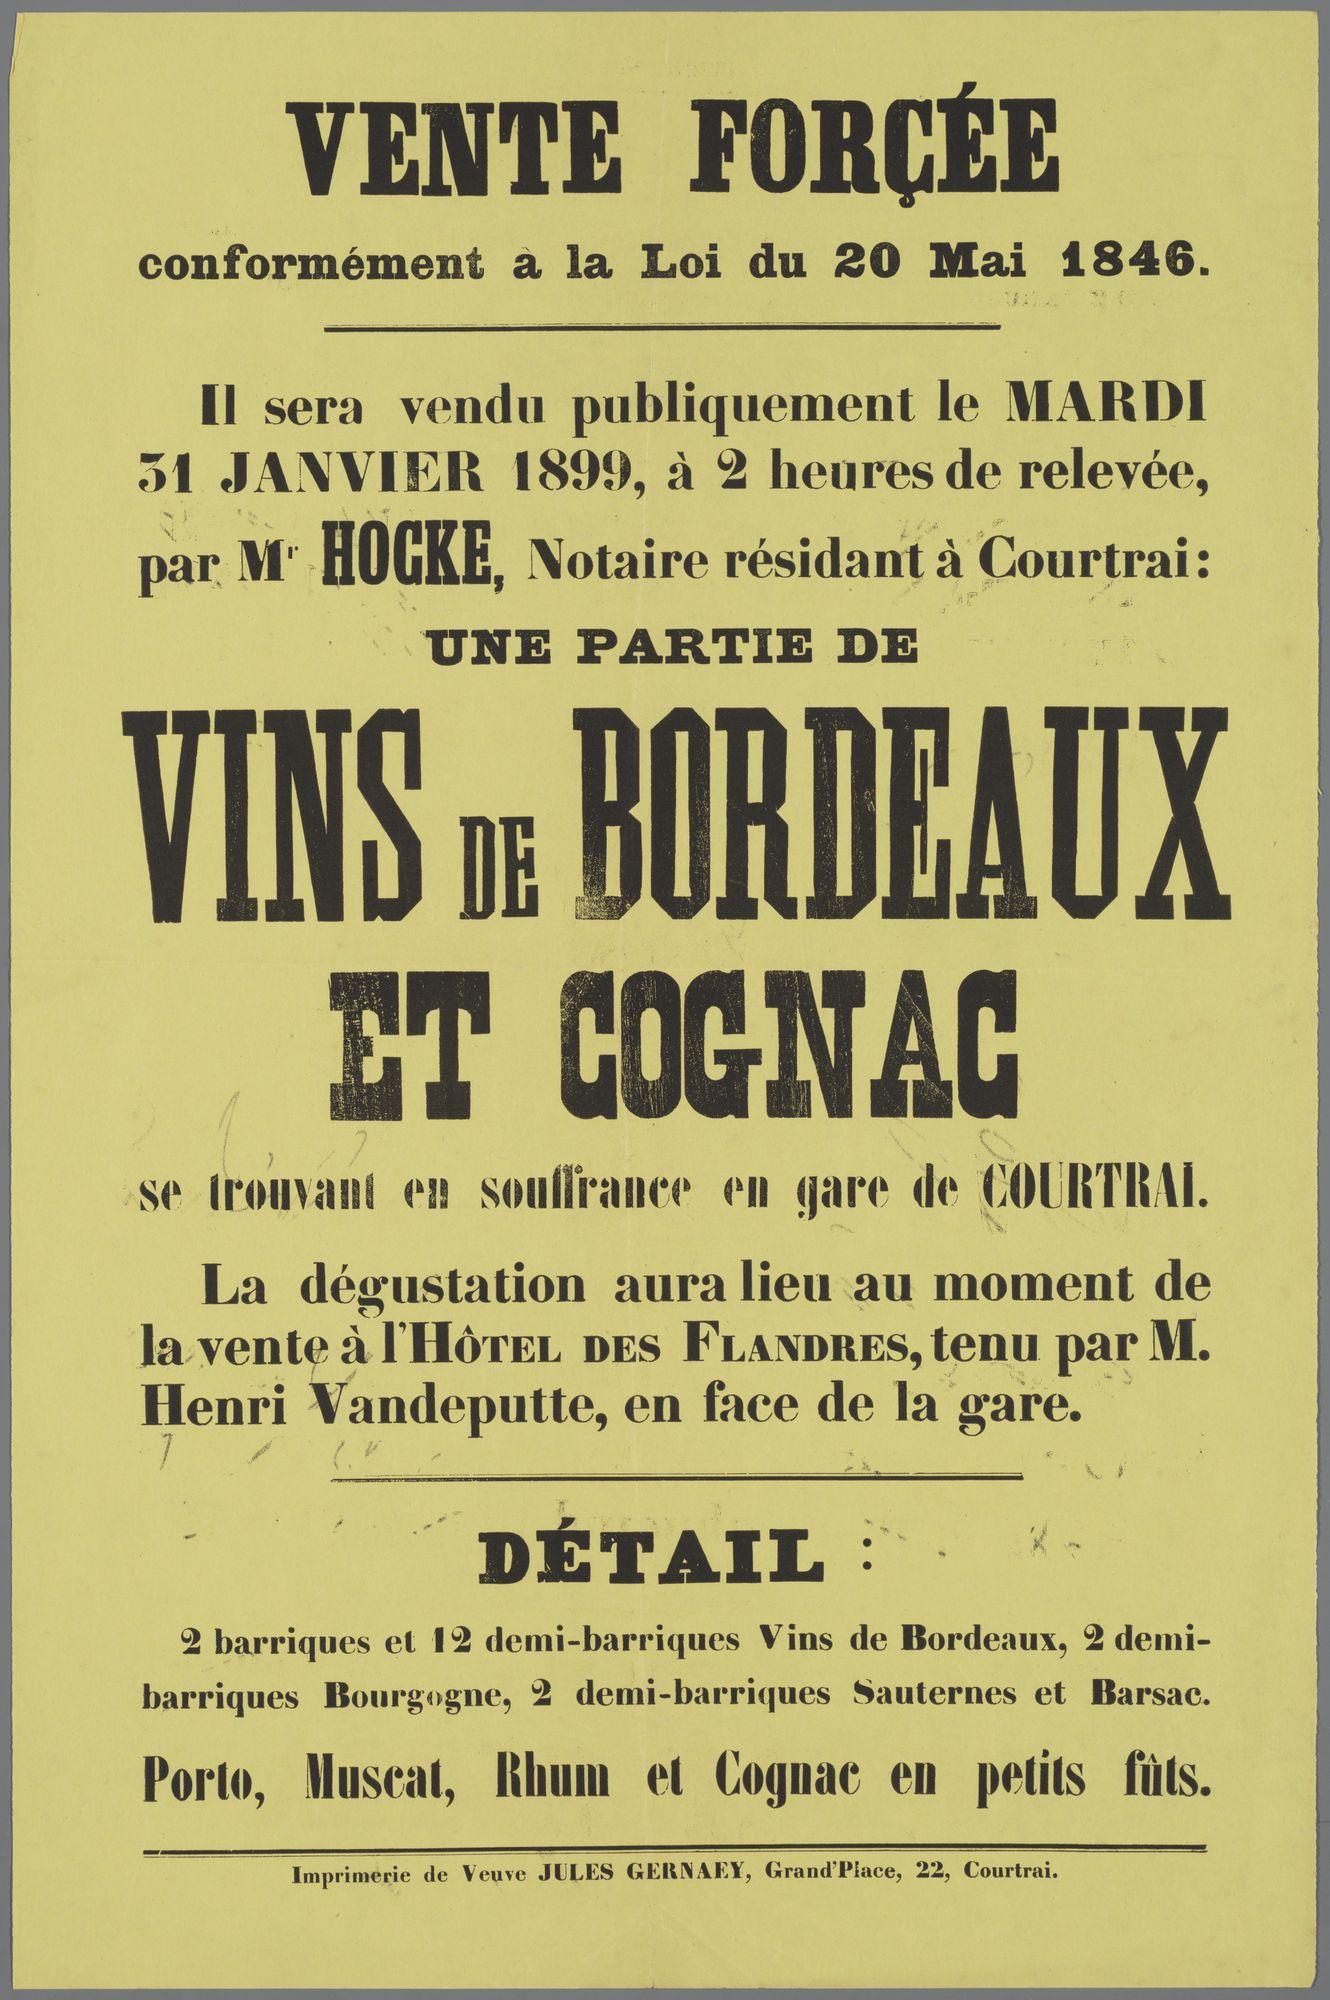 Verkoop van sterke drank 1899